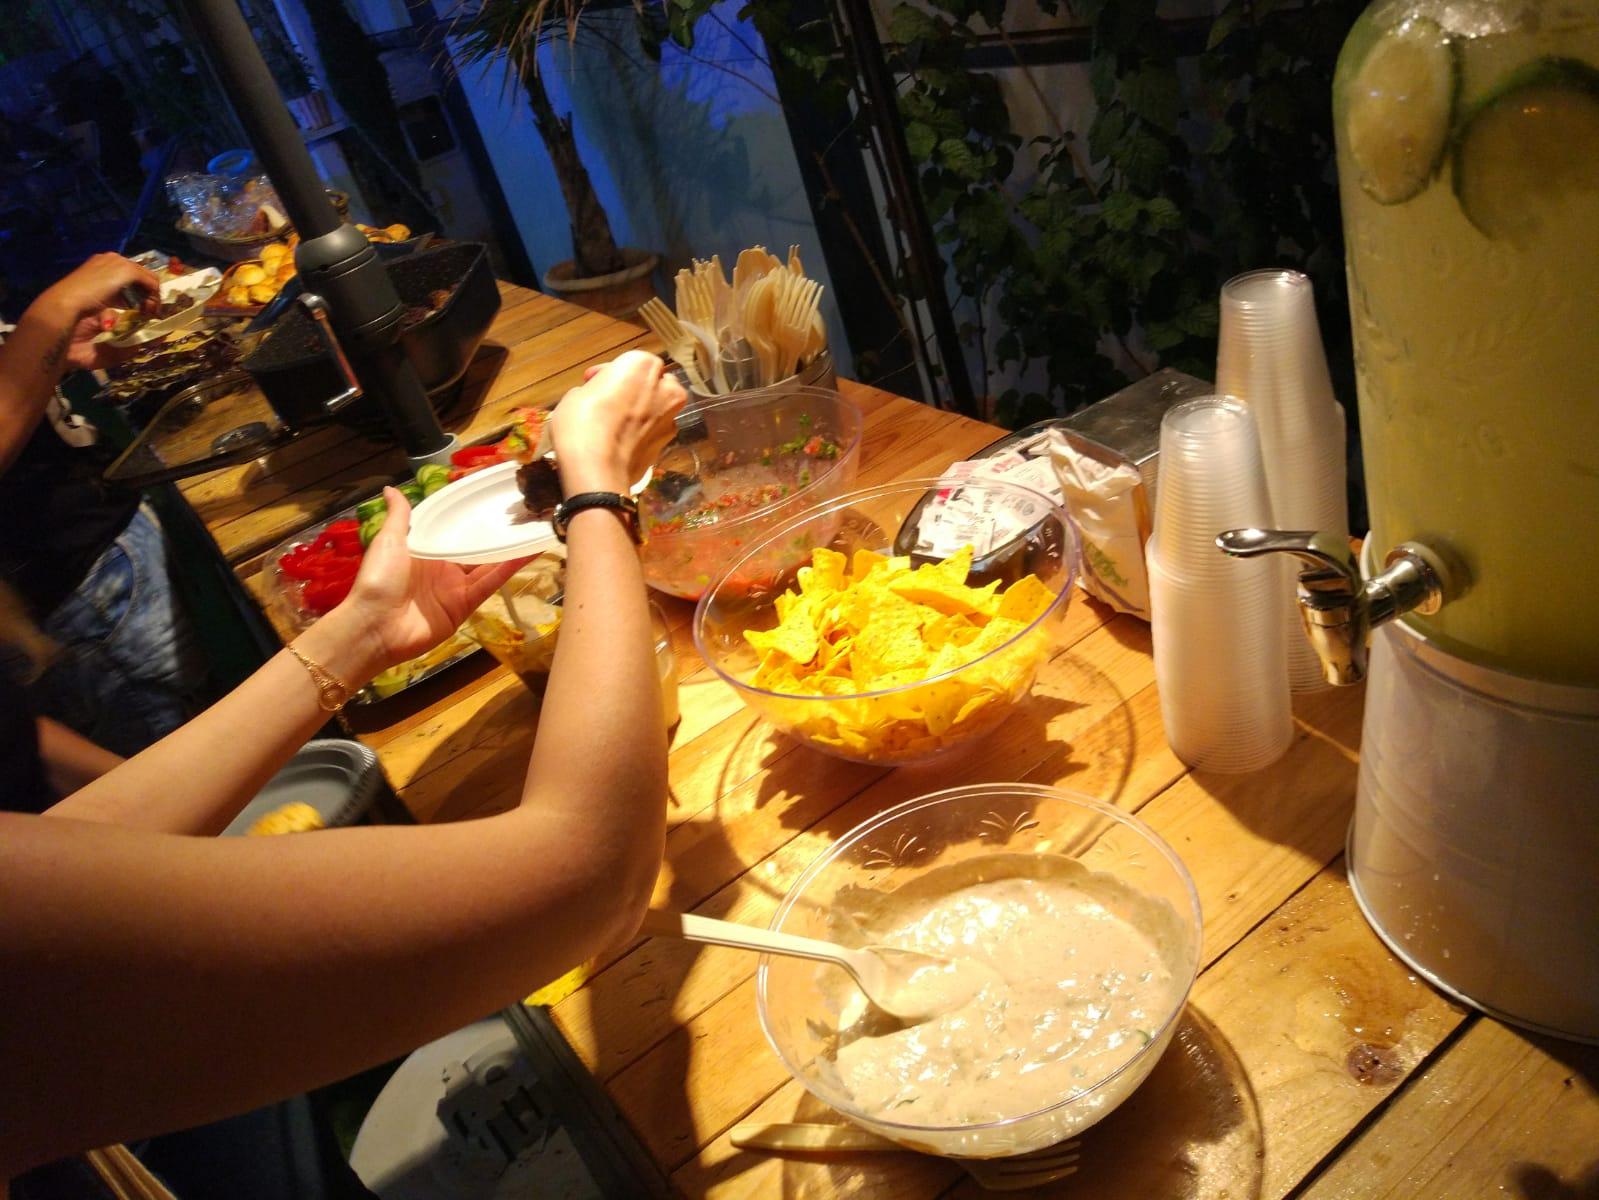 דוכני מזון לארועים